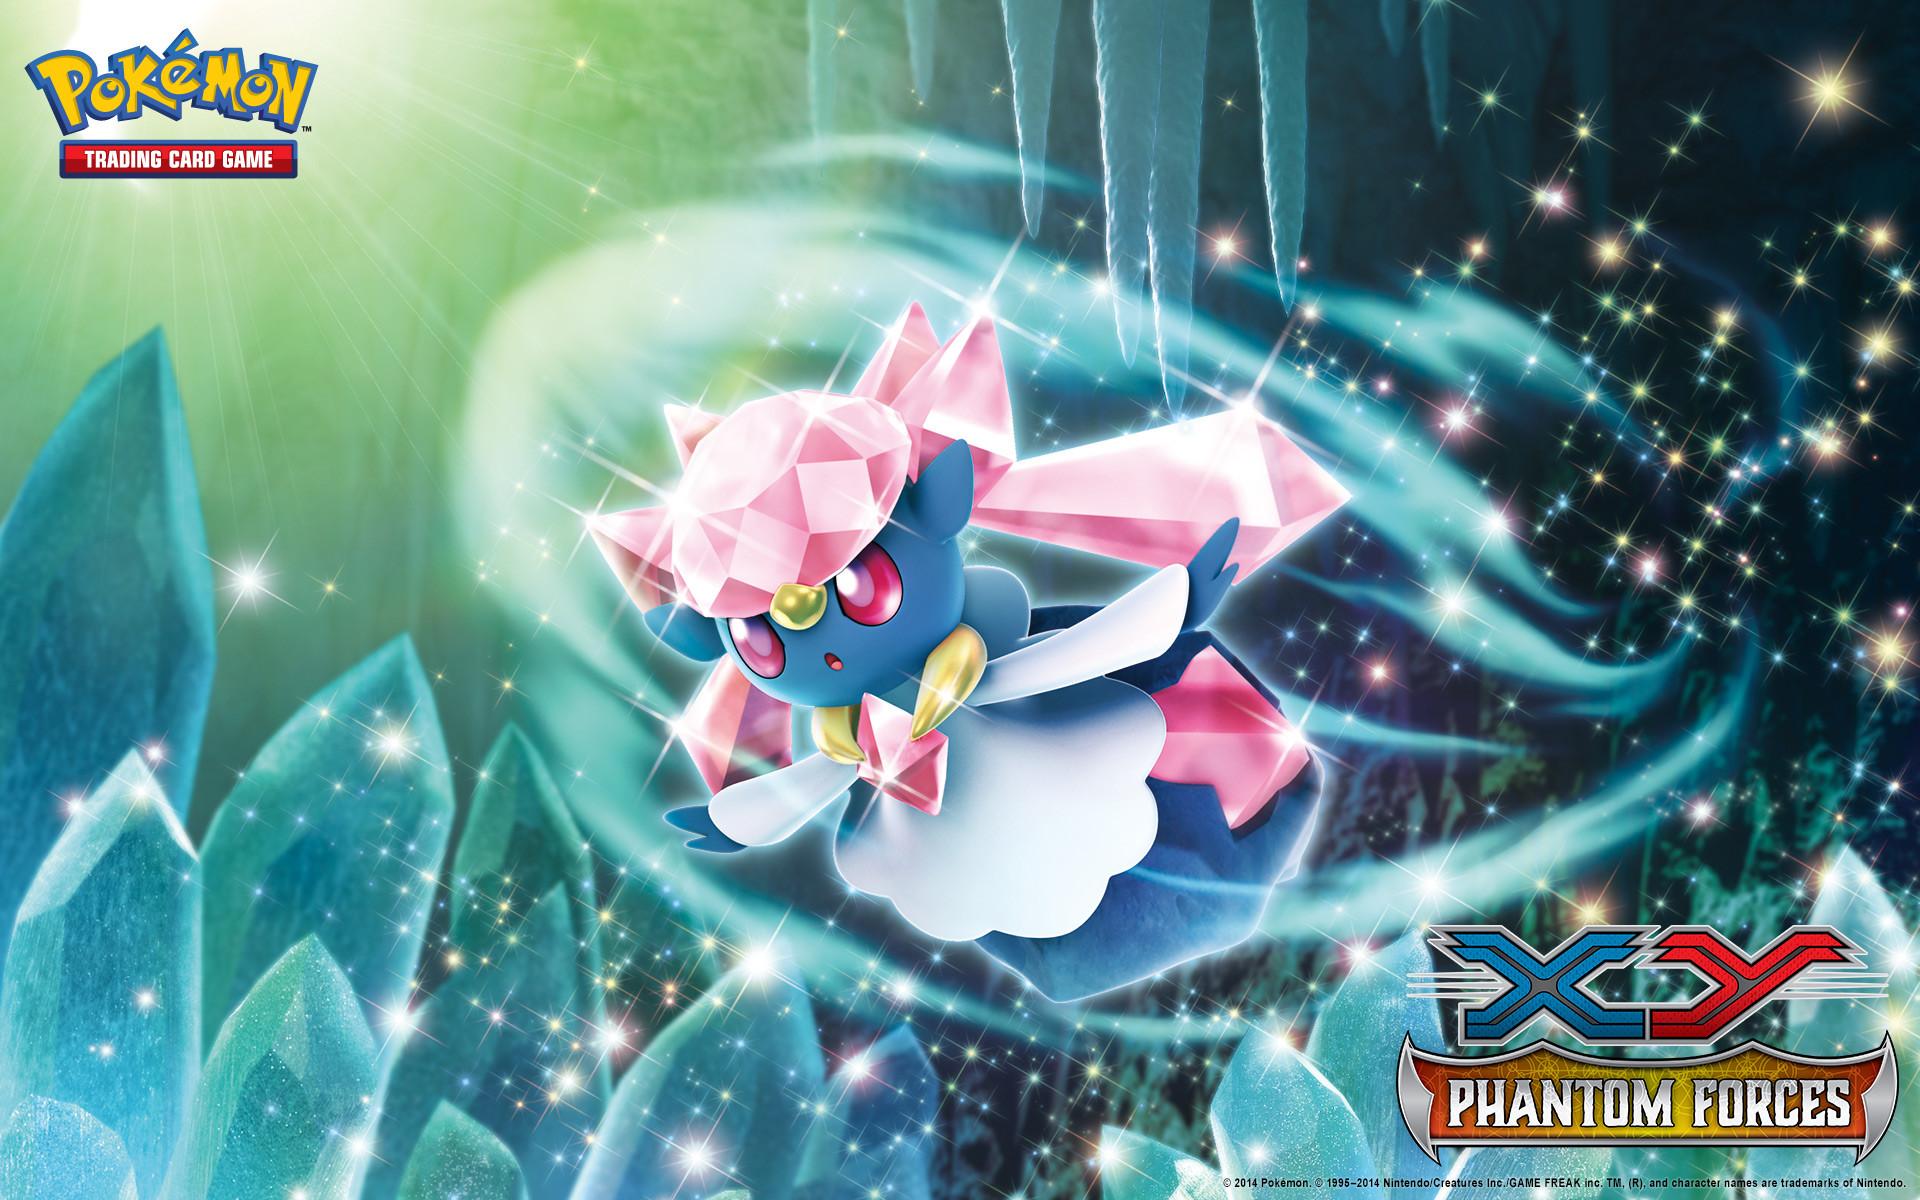 Pokémon TCG: XY—Phantom Forces Diancie Wallpaper